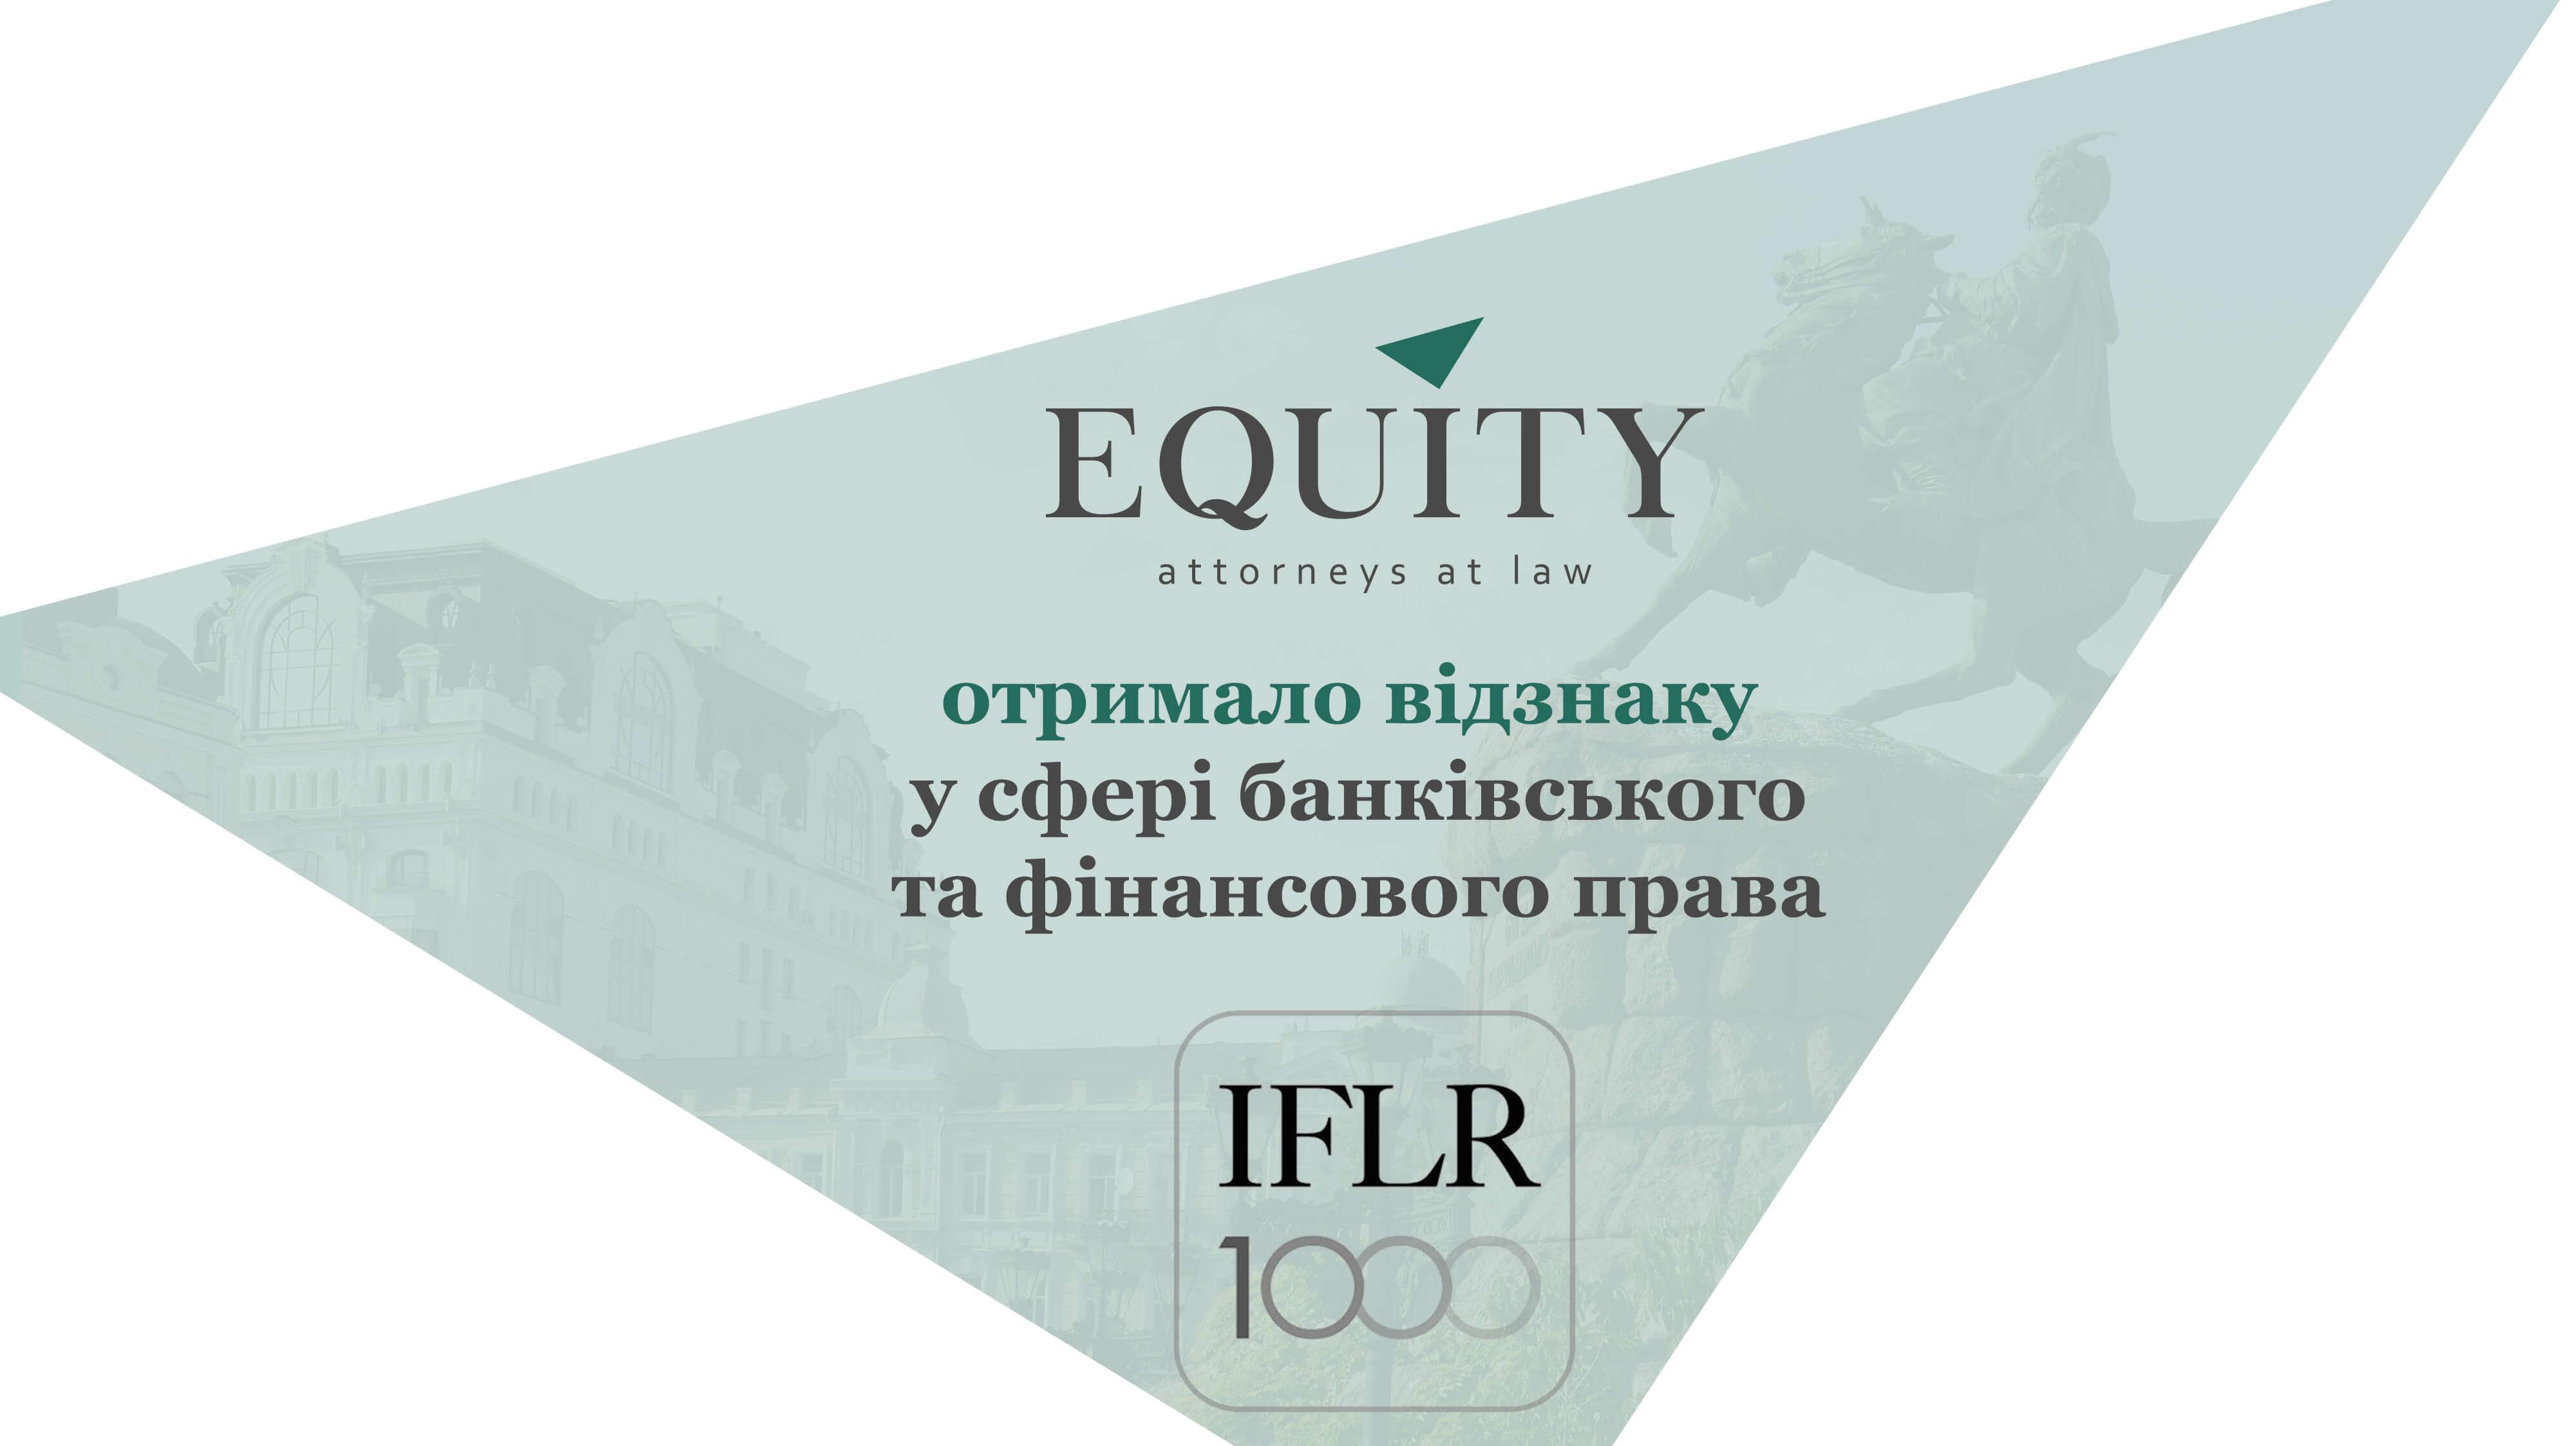 """<span class=""""equity"""">EQUITY</span> отримала відзнаку IFLR 1000 у сфері банківського та фінансового права"""